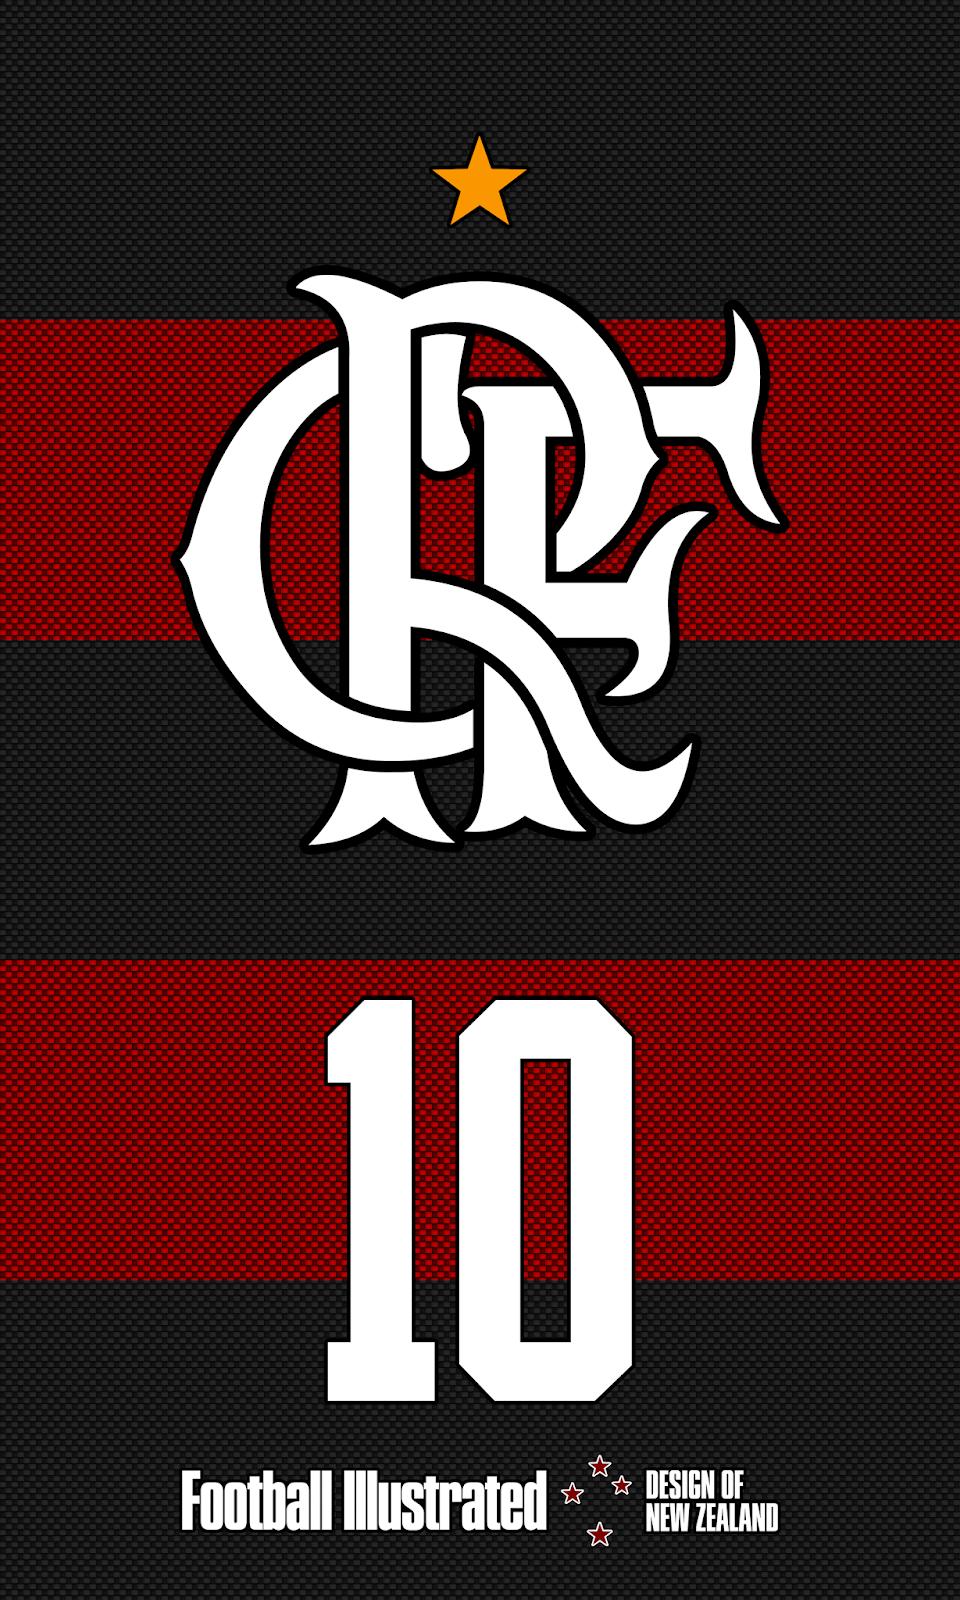 Wallpaper CR Flamengo | Flamengo | Clube de regatas flamengo, Tudo sobre flamengo e Flamengo